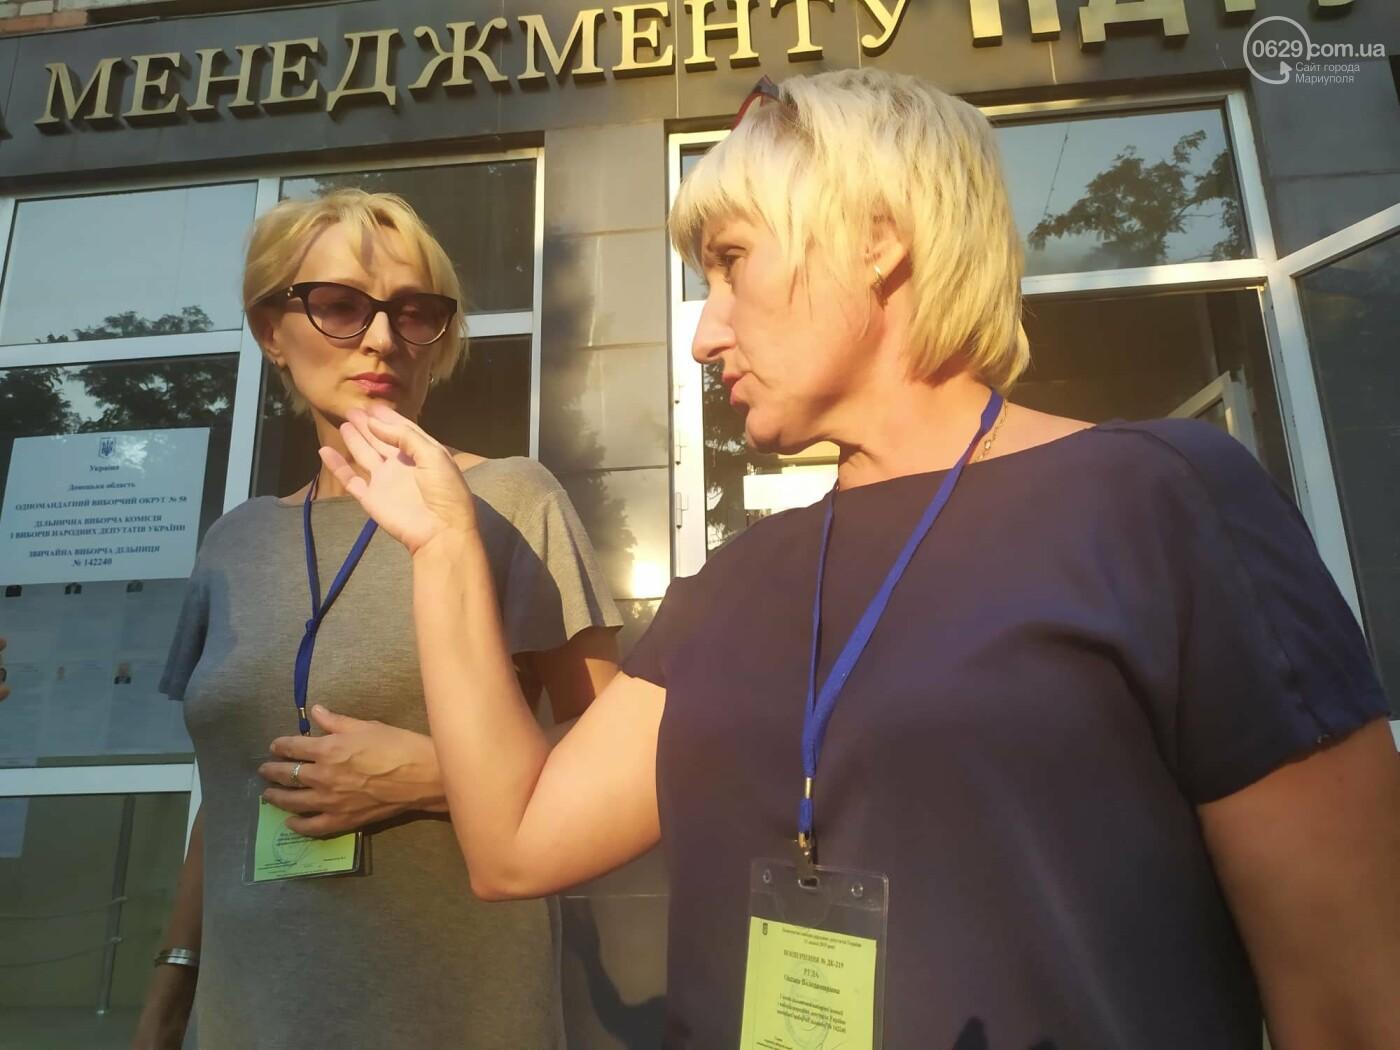 Скандал на избирательном участке. Мариупольцы не могли найти место для голосования, - ФОТО, фото-2